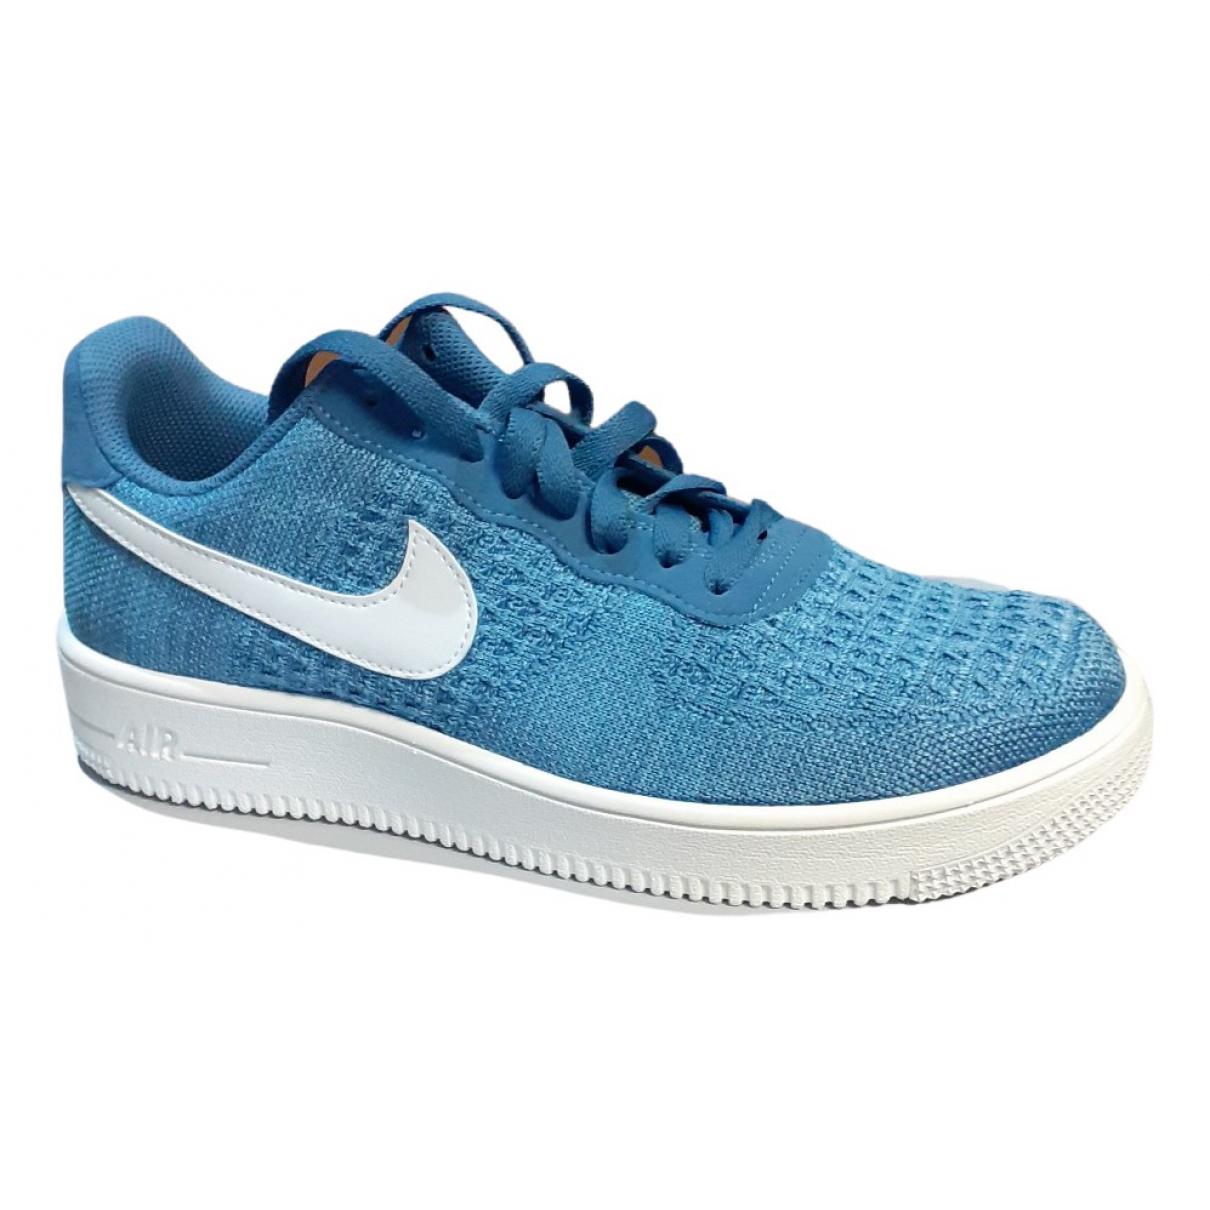 Nike - Baskets Air Force 1 pour homme en toile - bleu